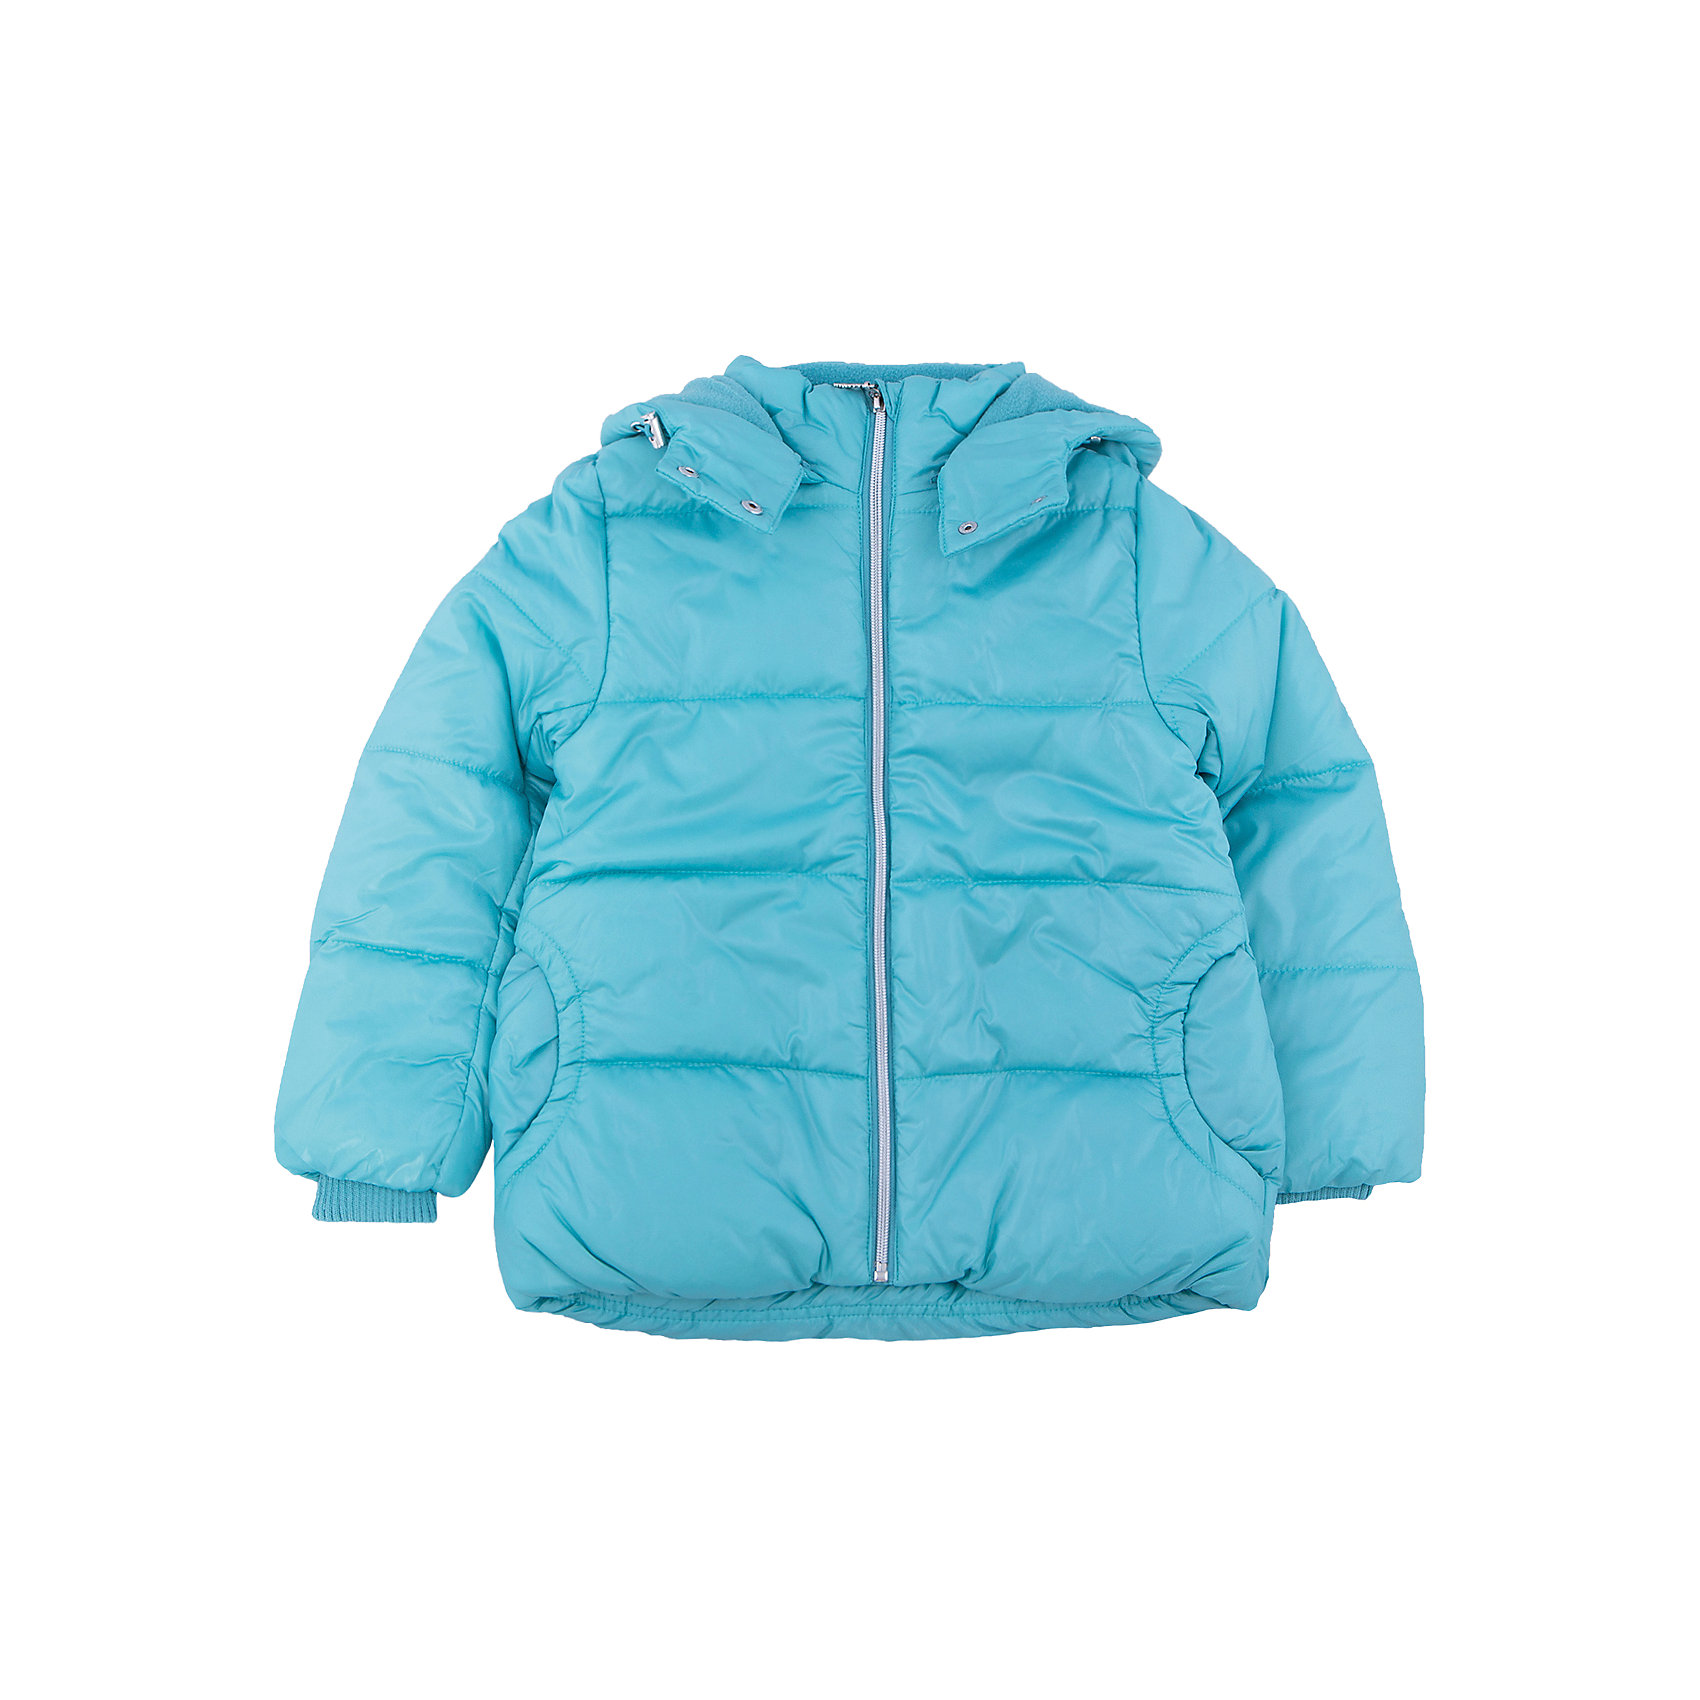 Куртка для девочки SELAВерхняя одежда<br>Такая стильная утепленная куртка - незаменимая вещь в прохладное время года. Эта модель отлично сидит на ребенке, она сшита из плотного материала, позволяет гулять и заниматься спортом на свежем воздухе. Подкладка и утеплитель обеспечивают ребенку комфорт. Модель дополнена капюшоном и карманами.<br>Одежда от бренда Sela (Села) - это качество по приемлемым ценам. Многие российские родители уже оценили преимущества продукции этой компании и всё чаще приобретают одежду и аксессуары Sela.<br><br>Дополнительная информация:<br><br>материал: 100% ПЭ; подкладка:100% ПЭ; утеплитель:100% ПЭ;<br>капюшон;<br>карманы;<br>молния.<br><br>Куртку для девочки от бренда Sela можно купить в нашем интернет-магазине.<br><br>Ширина мм: 356<br>Глубина мм: 10<br>Высота мм: 245<br>Вес г: 519<br>Цвет: зеленый<br>Возраст от месяцев: 132<br>Возраст до месяцев: 144<br>Пол: Женский<br>Возраст: Детский<br>Размер: 152,116,128,140<br>SKU: 4919435